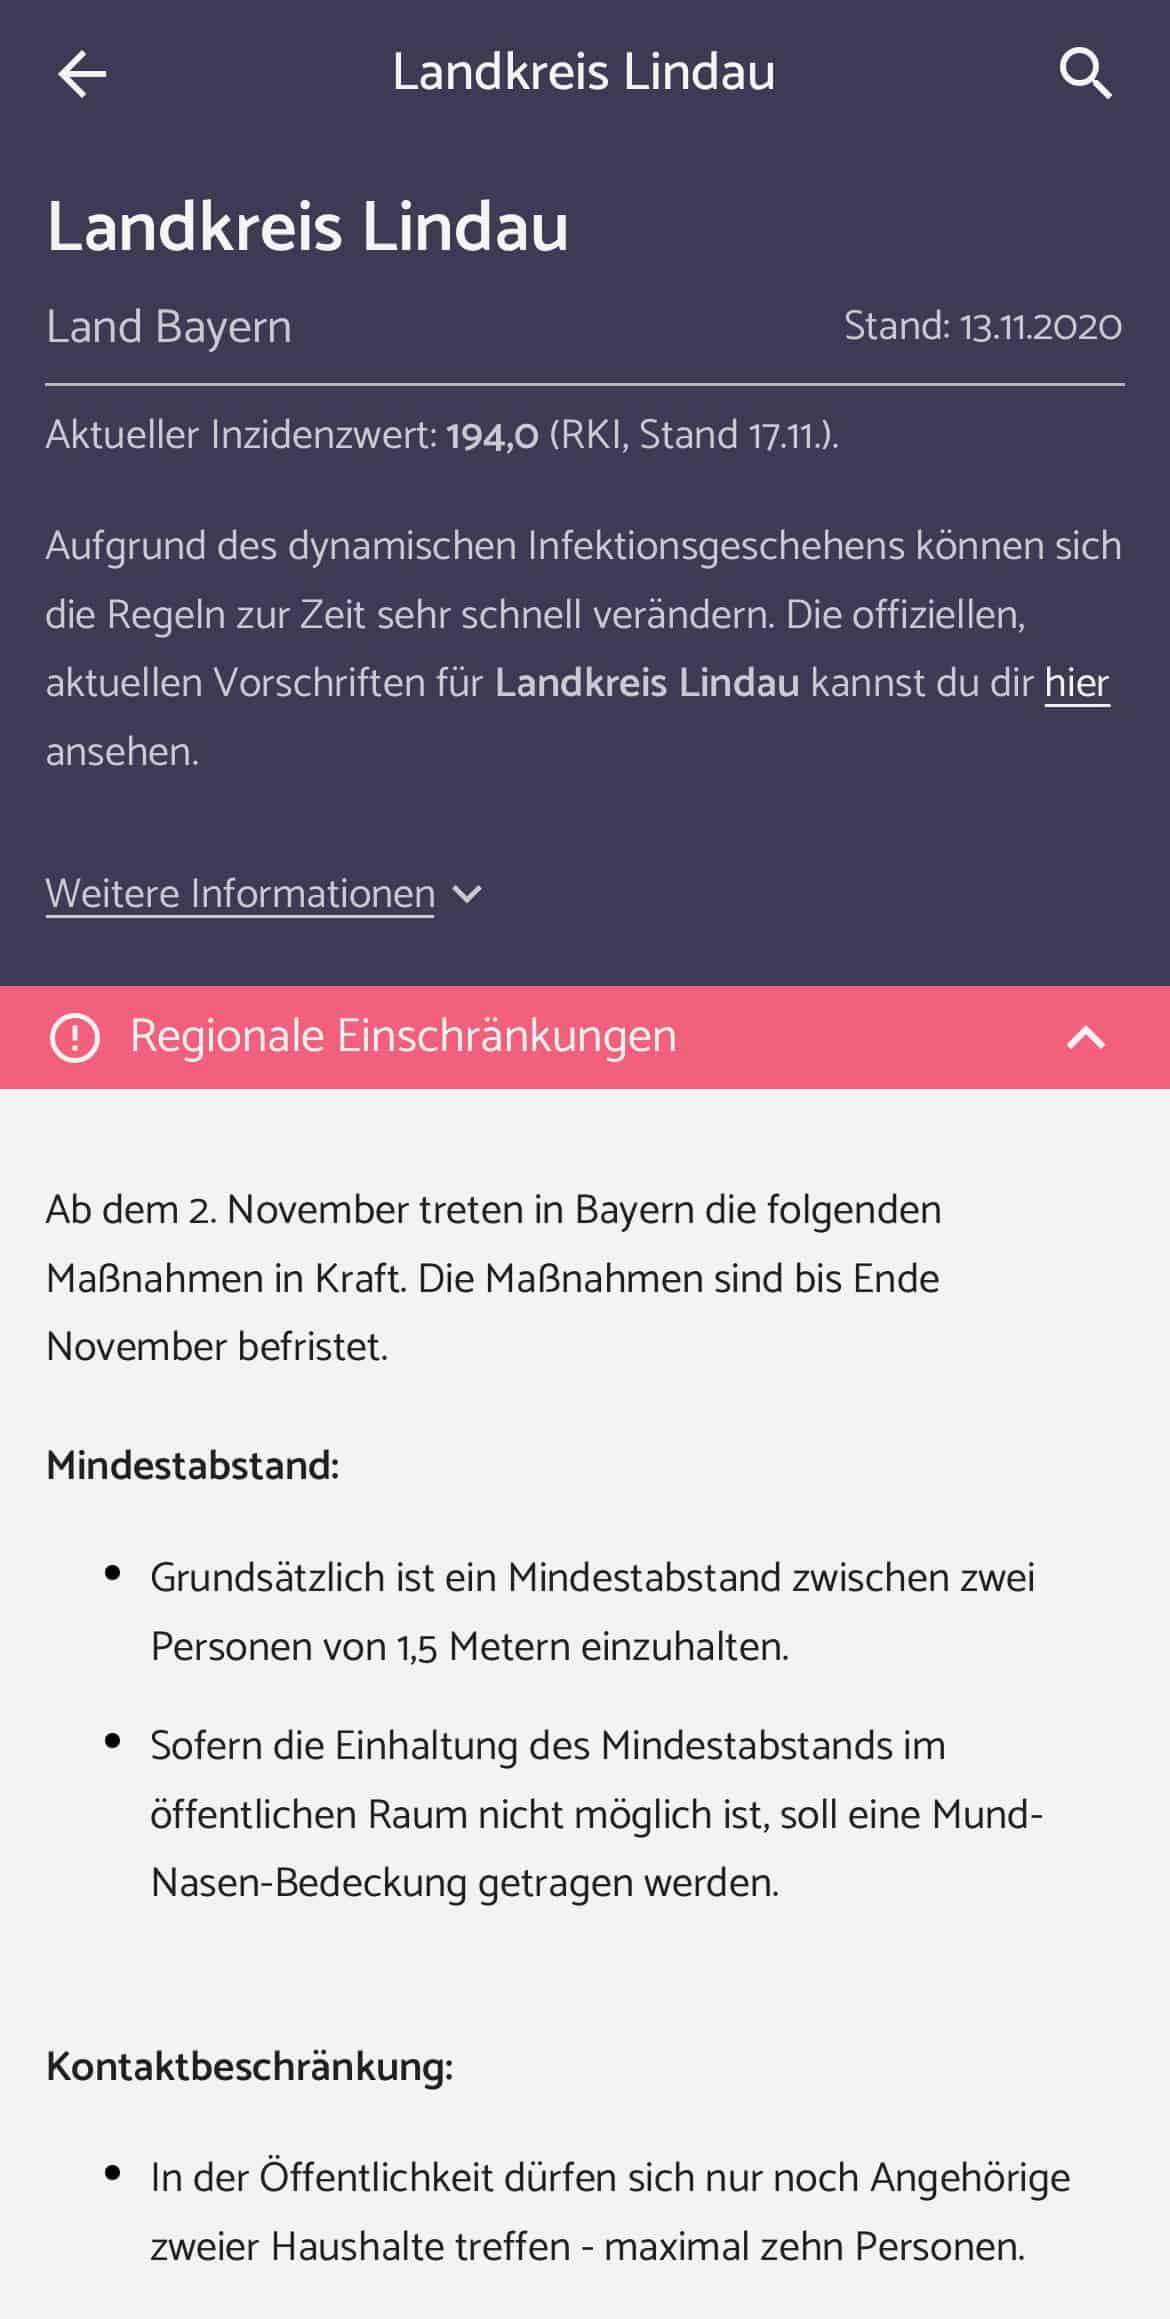 App-Darf-ich-das-iOS-Android-Corona-Landkreis-Kontakt-beschränkung-Mindestabstand